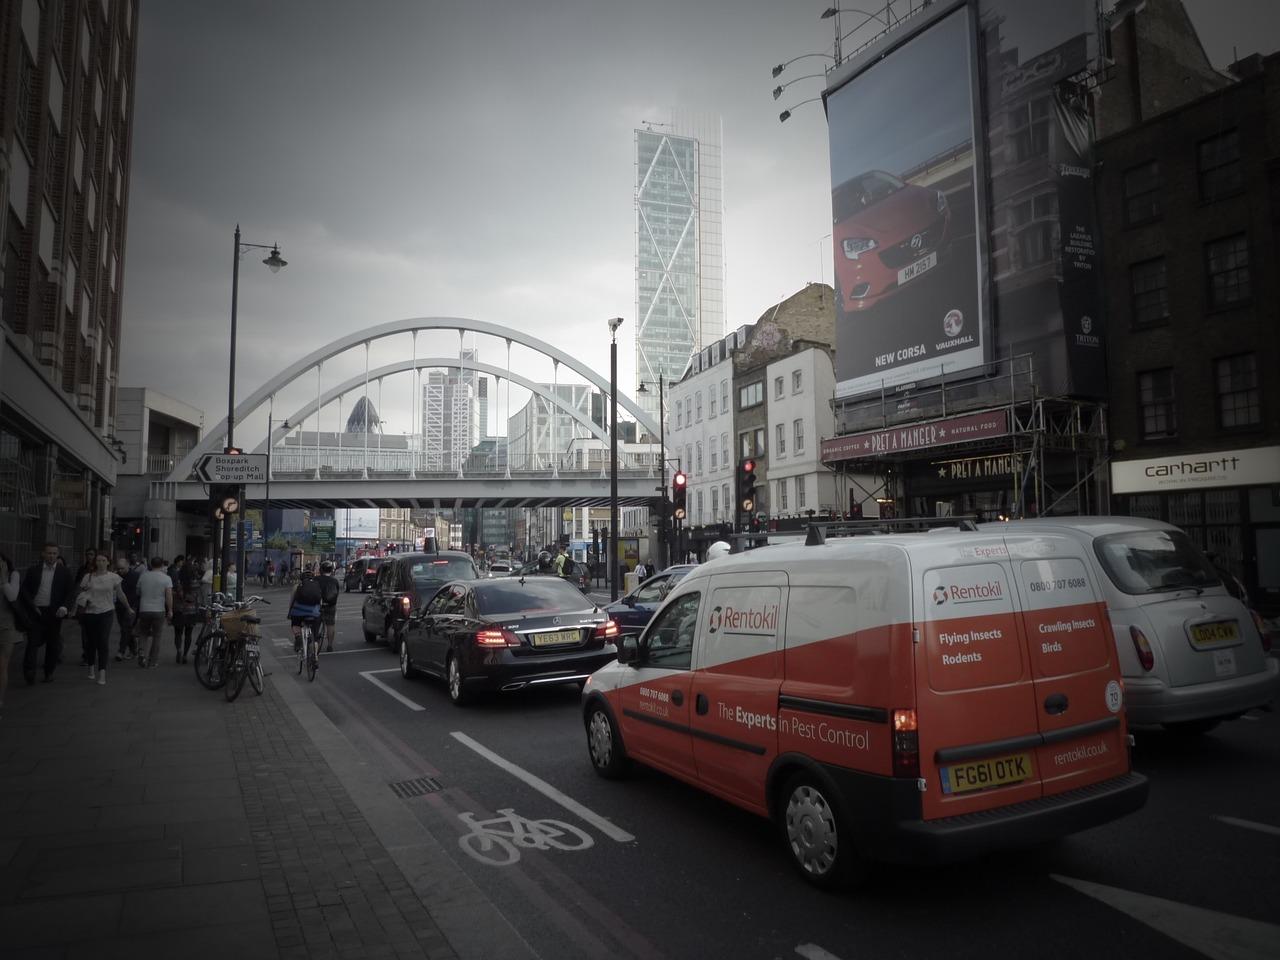 Traffic_Jam_UK.jpg